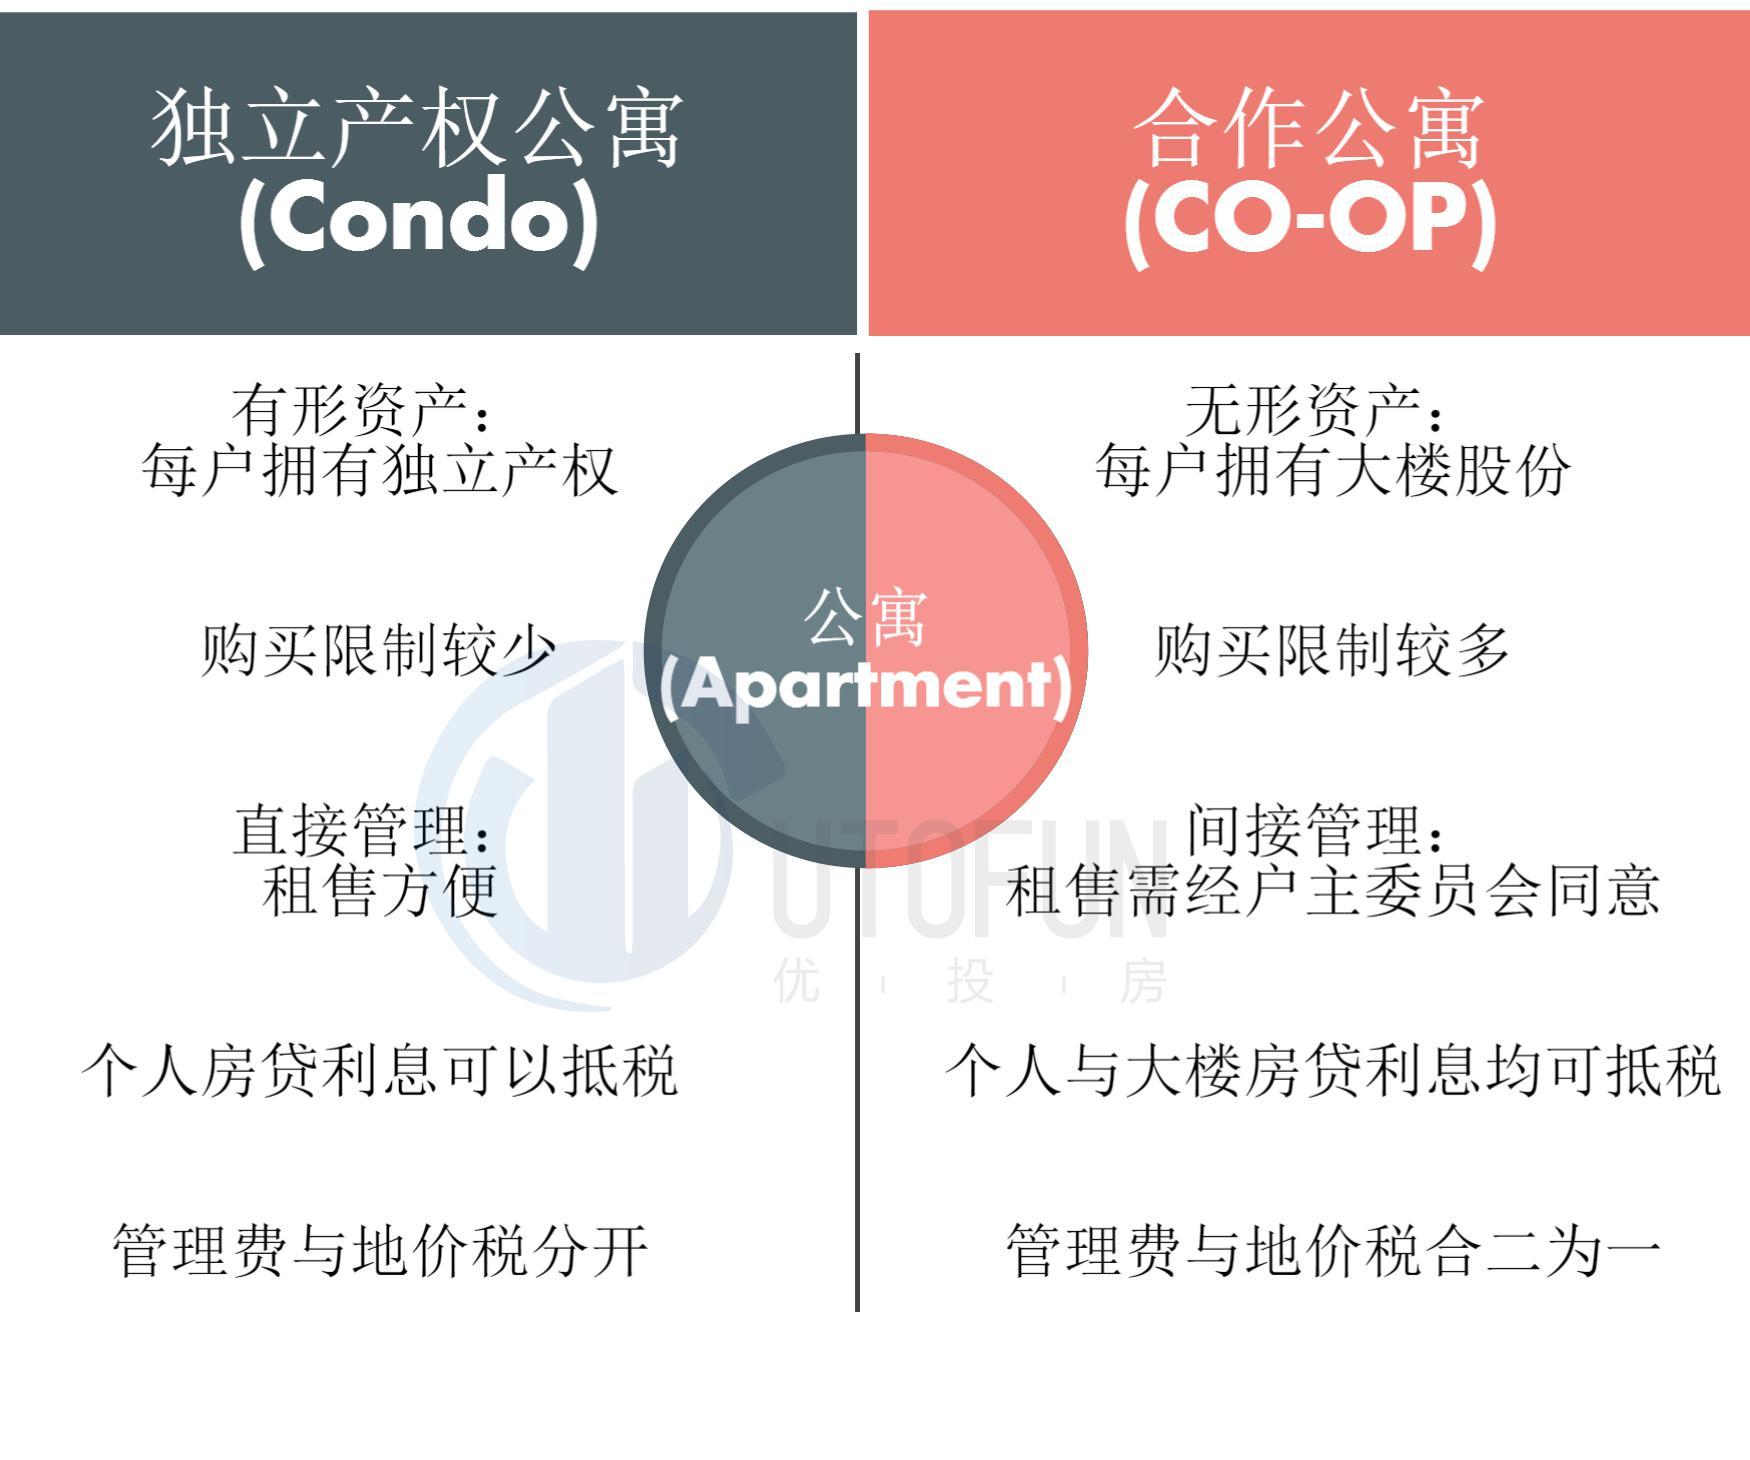 中美房产类型大不同—美国房产类型知多少